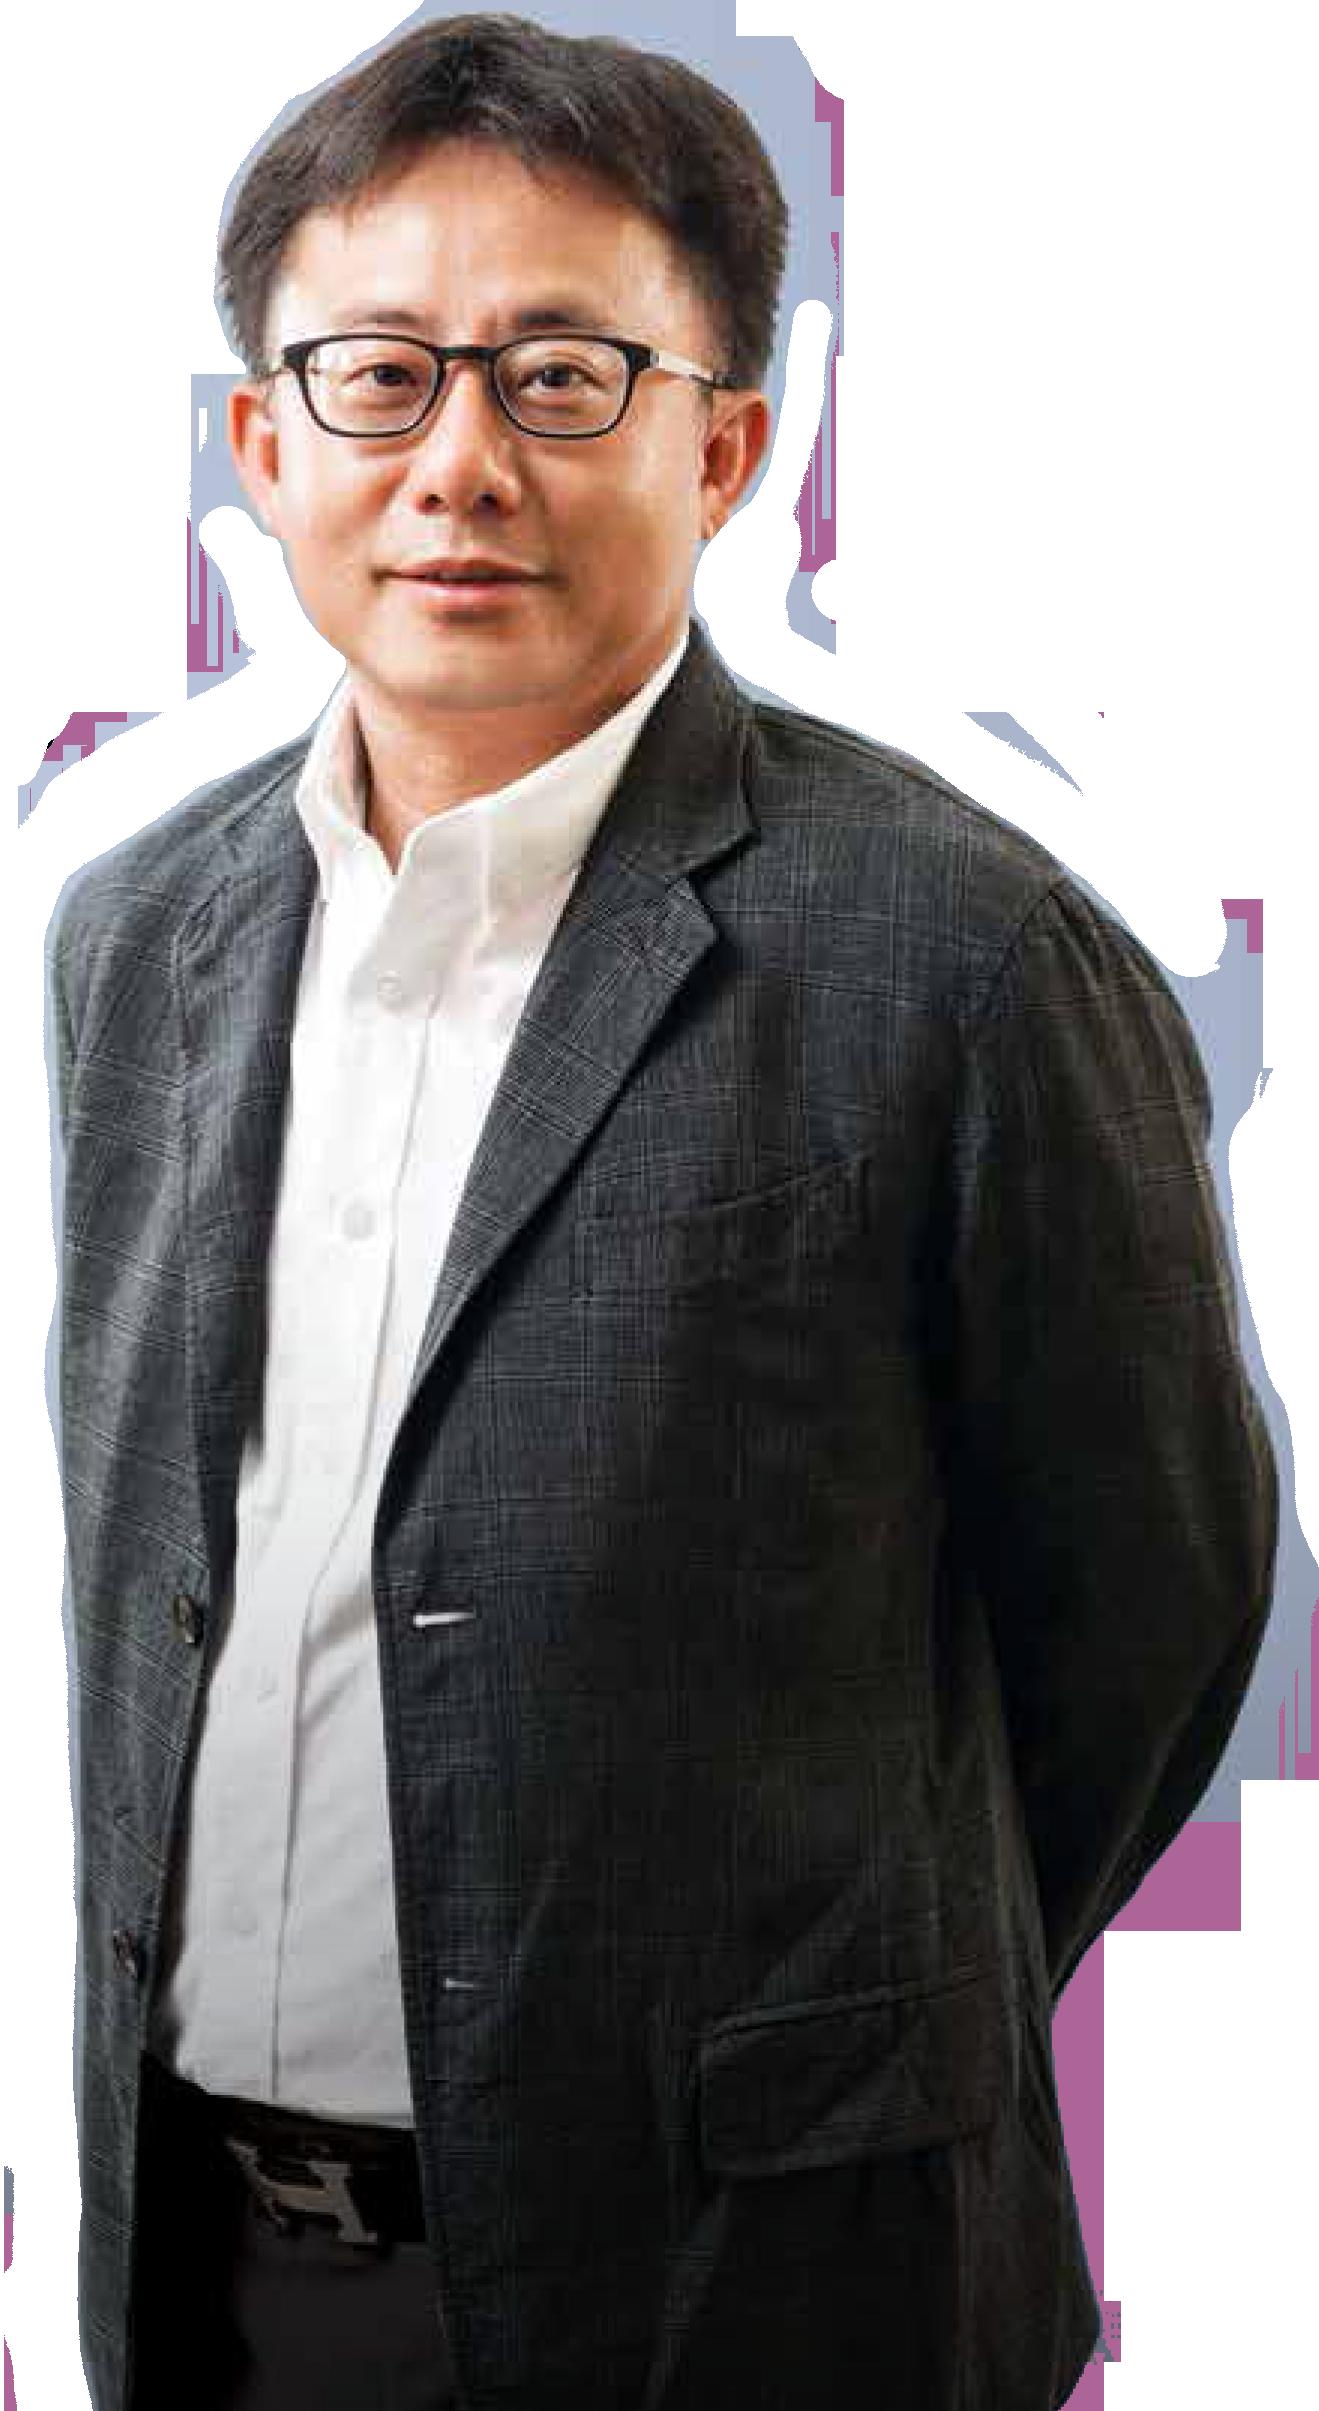 Dato' Ir. Robert Ang